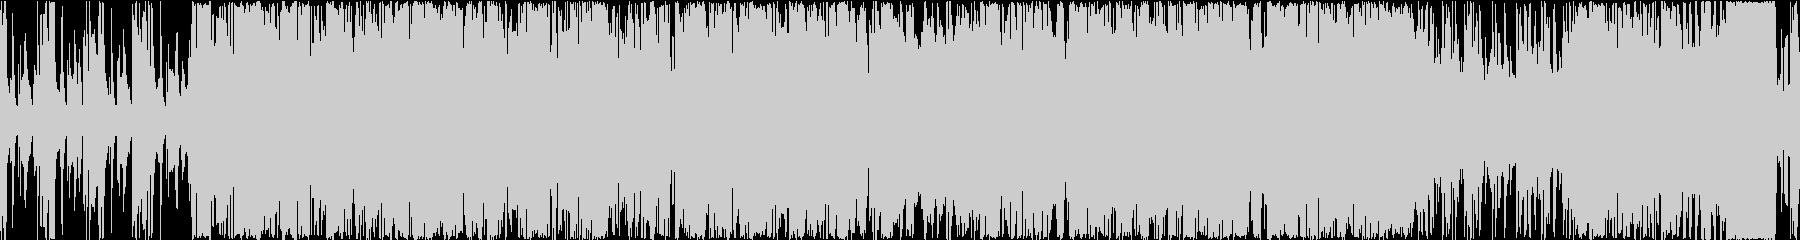 『ループ』雑談配信BGM明るいエレクトロの未再生の波形